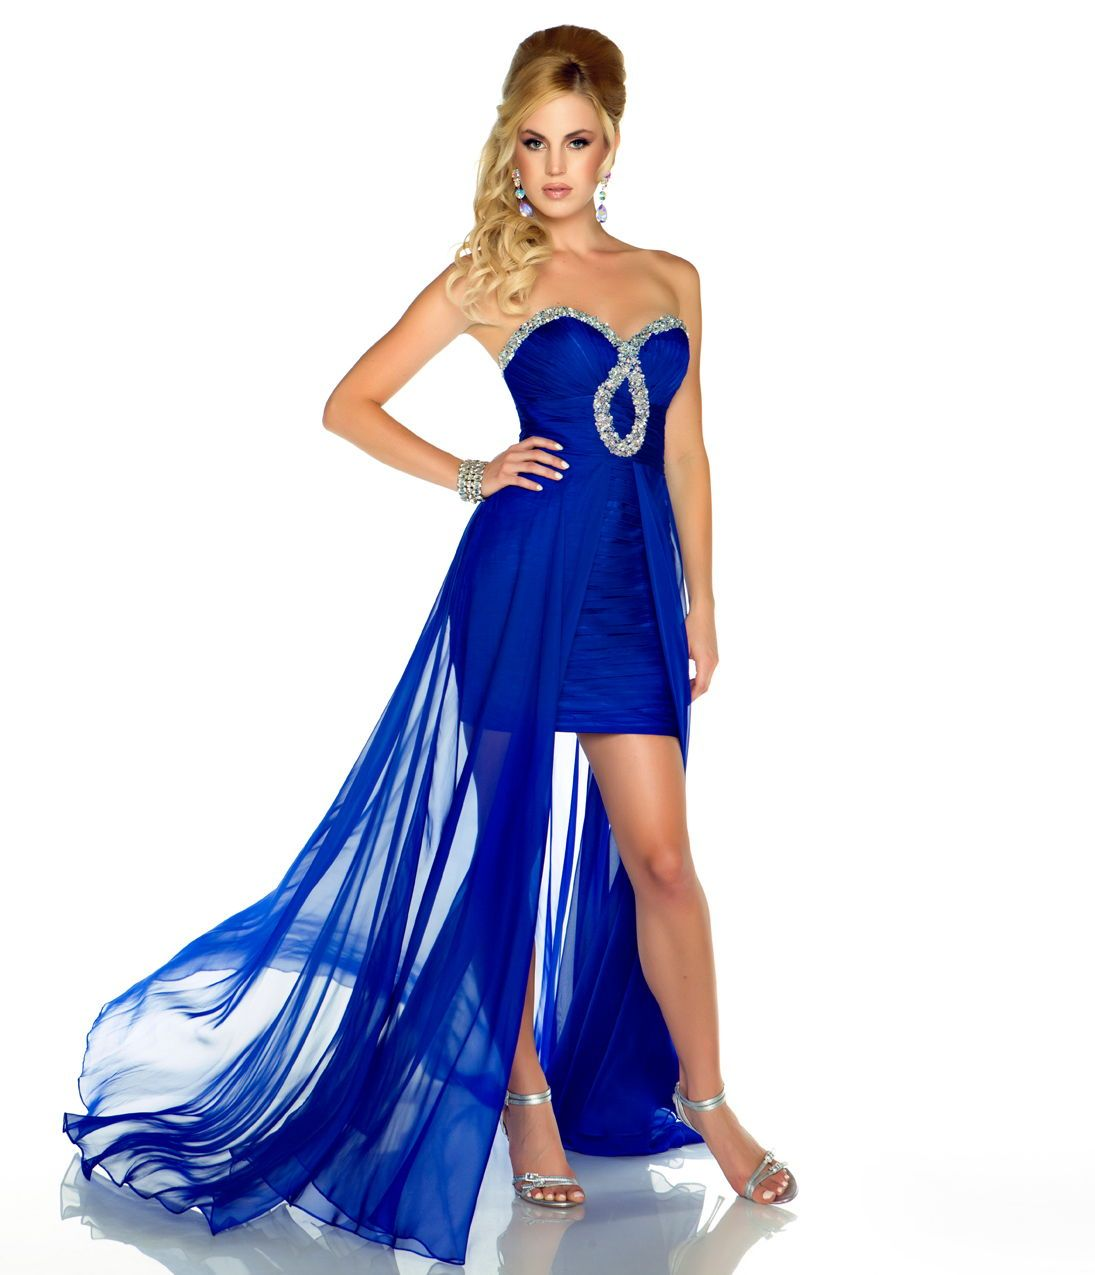 Bridesmaid Dresses Royal Blue And Silver